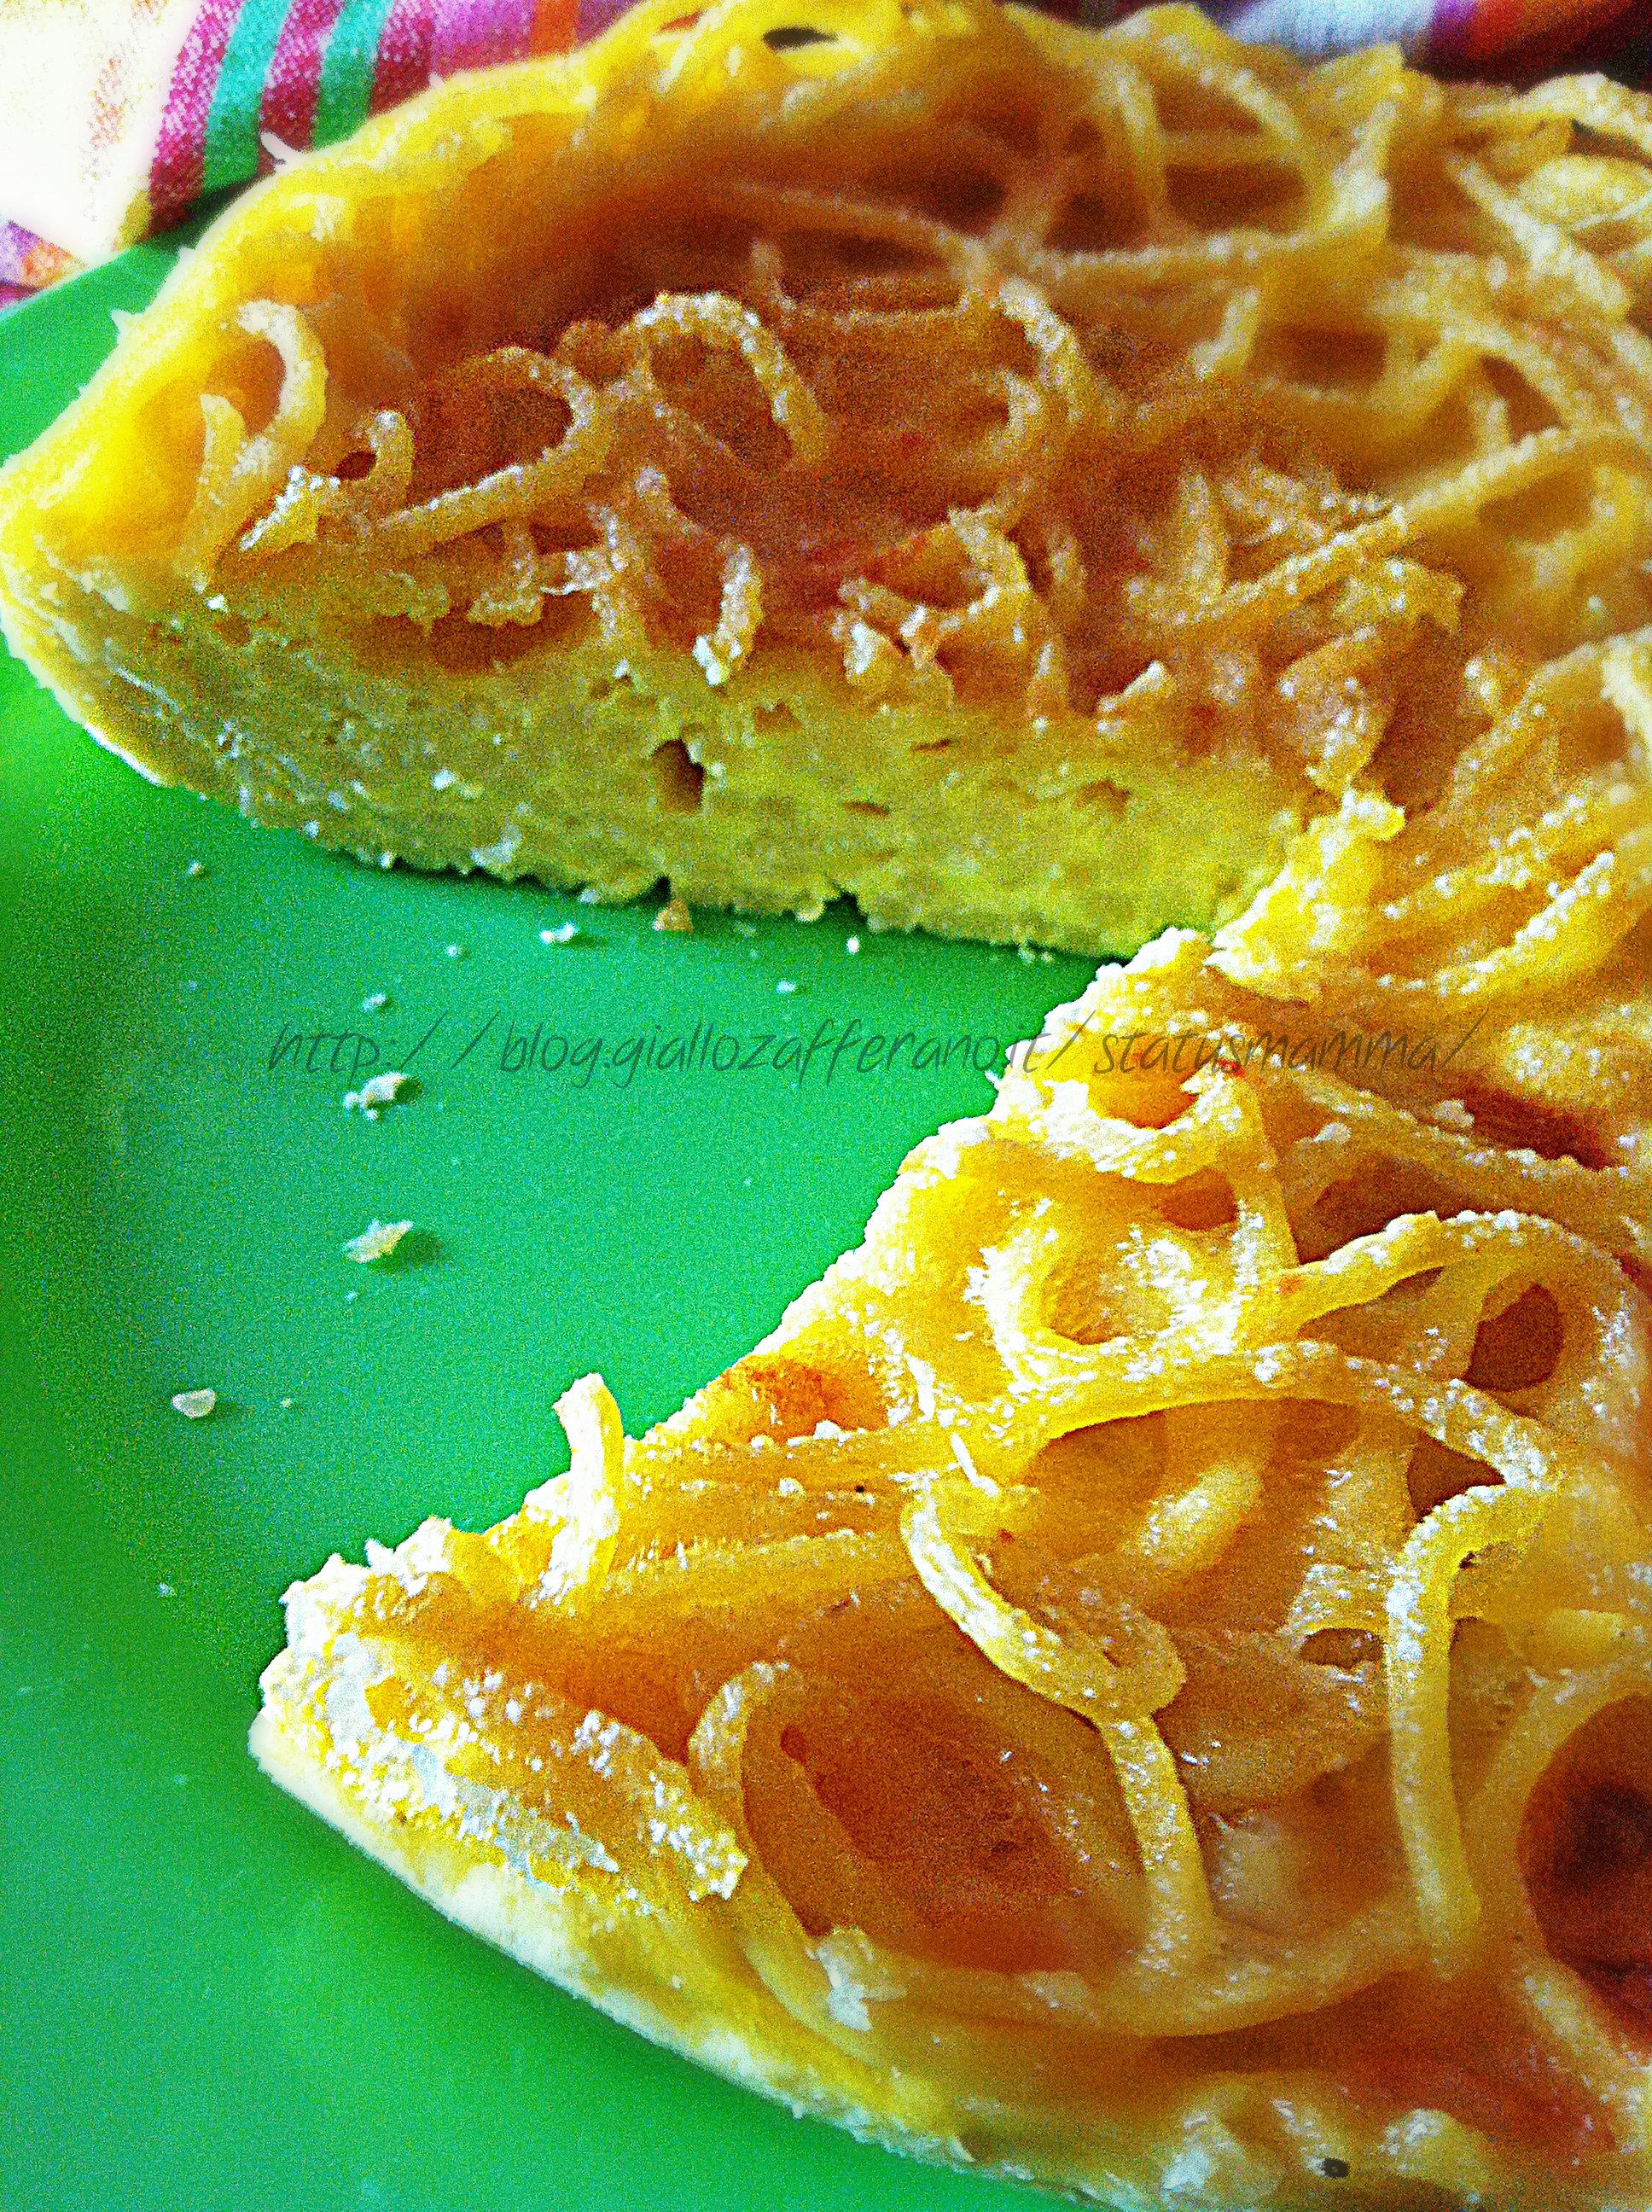 Tonnarelli al parmigiano riciclaggio pasta e uova status mamma ricette primo piatto unico veloce tonnarelli pasta all uovo ricetta cucinare foto